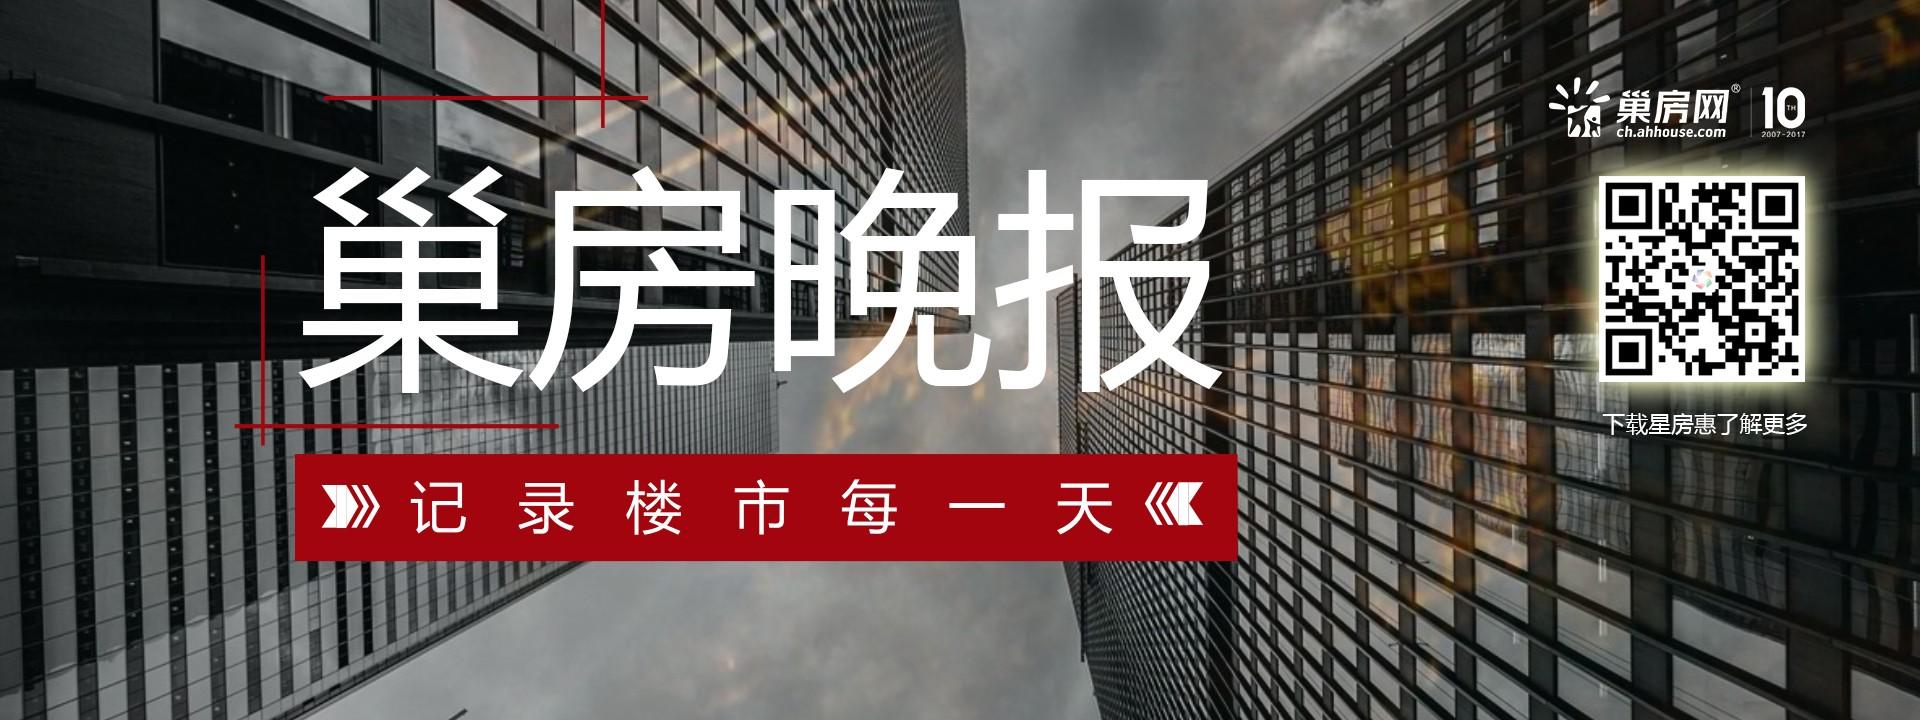 """8月17日巢房网新闻晚报:司法部出台""""五不准"""""""